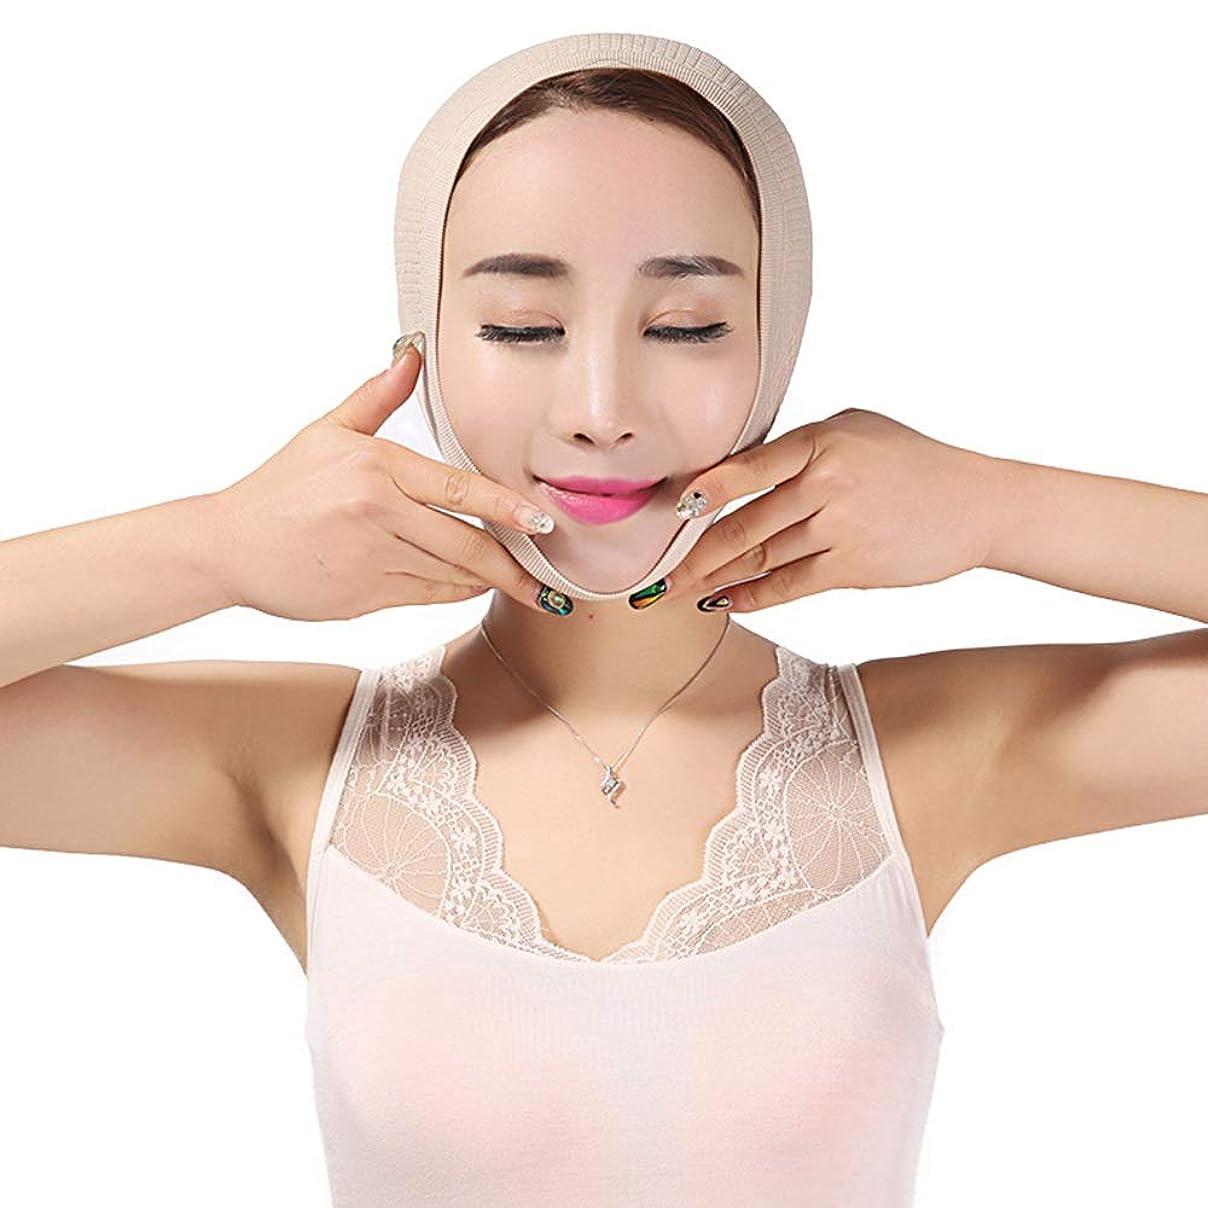 前者スノーケル生産的GYZ フェイシャルリフティングスリミングベルト-Vフェイスバンデージマスクフェイシャルマッサージアンチエイジングリンクルダブルチンワークアウト Thin Face Belt